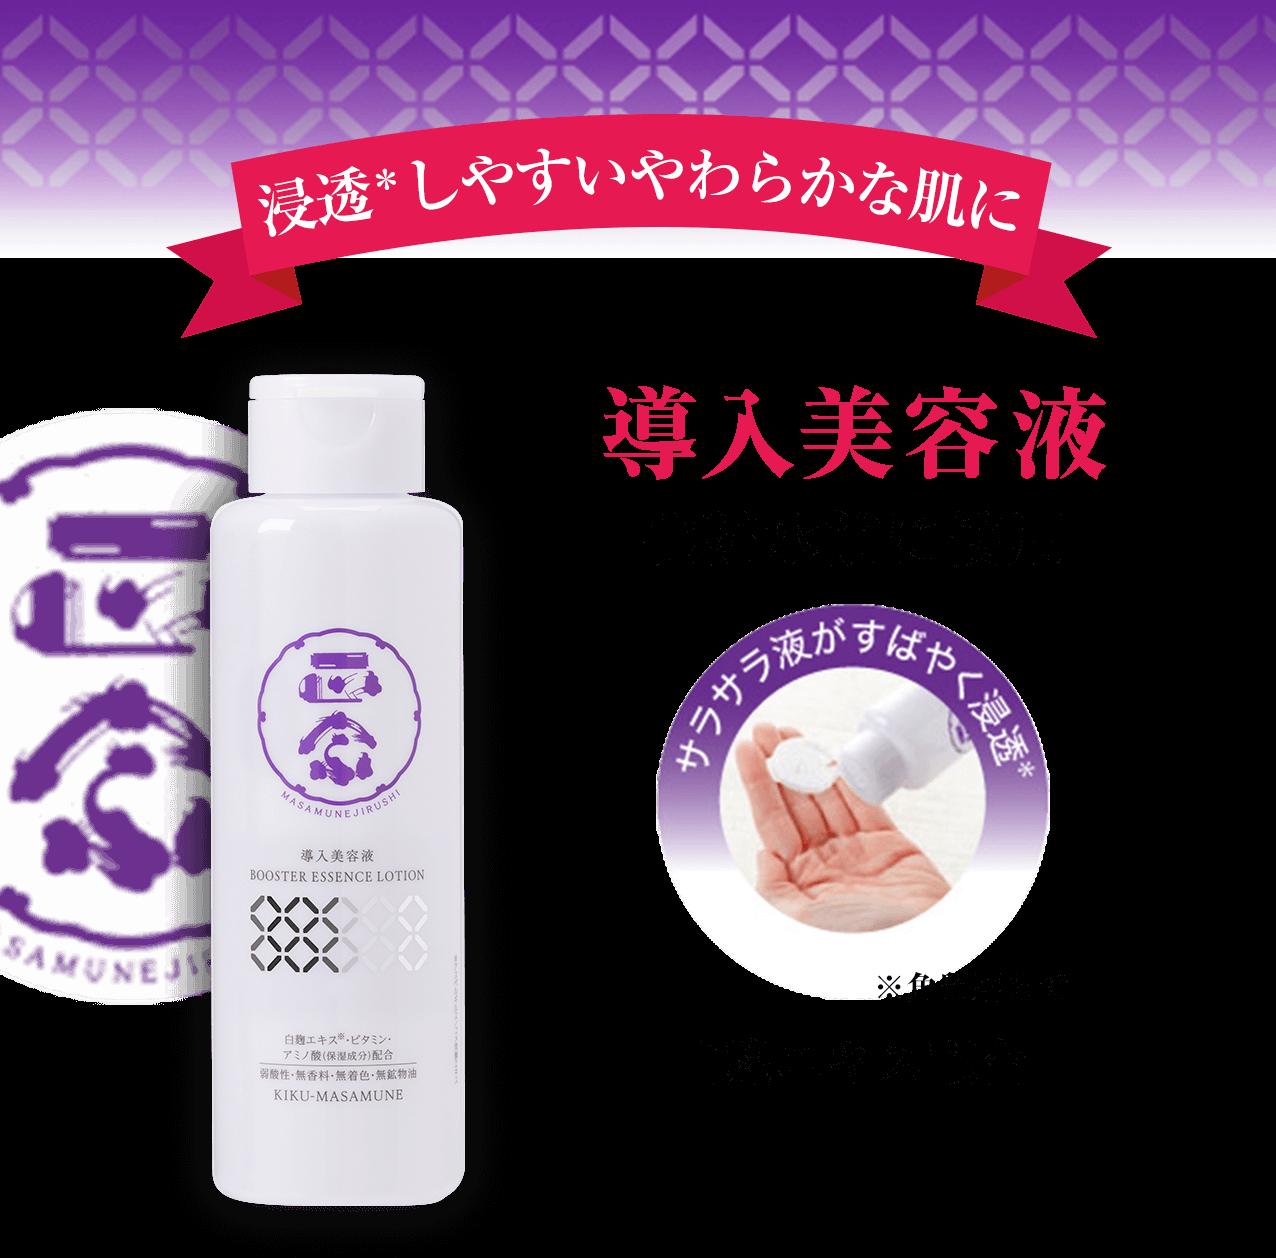 浸透*しやすいやわらかな肌に 導入美容液 化粧水前に使用